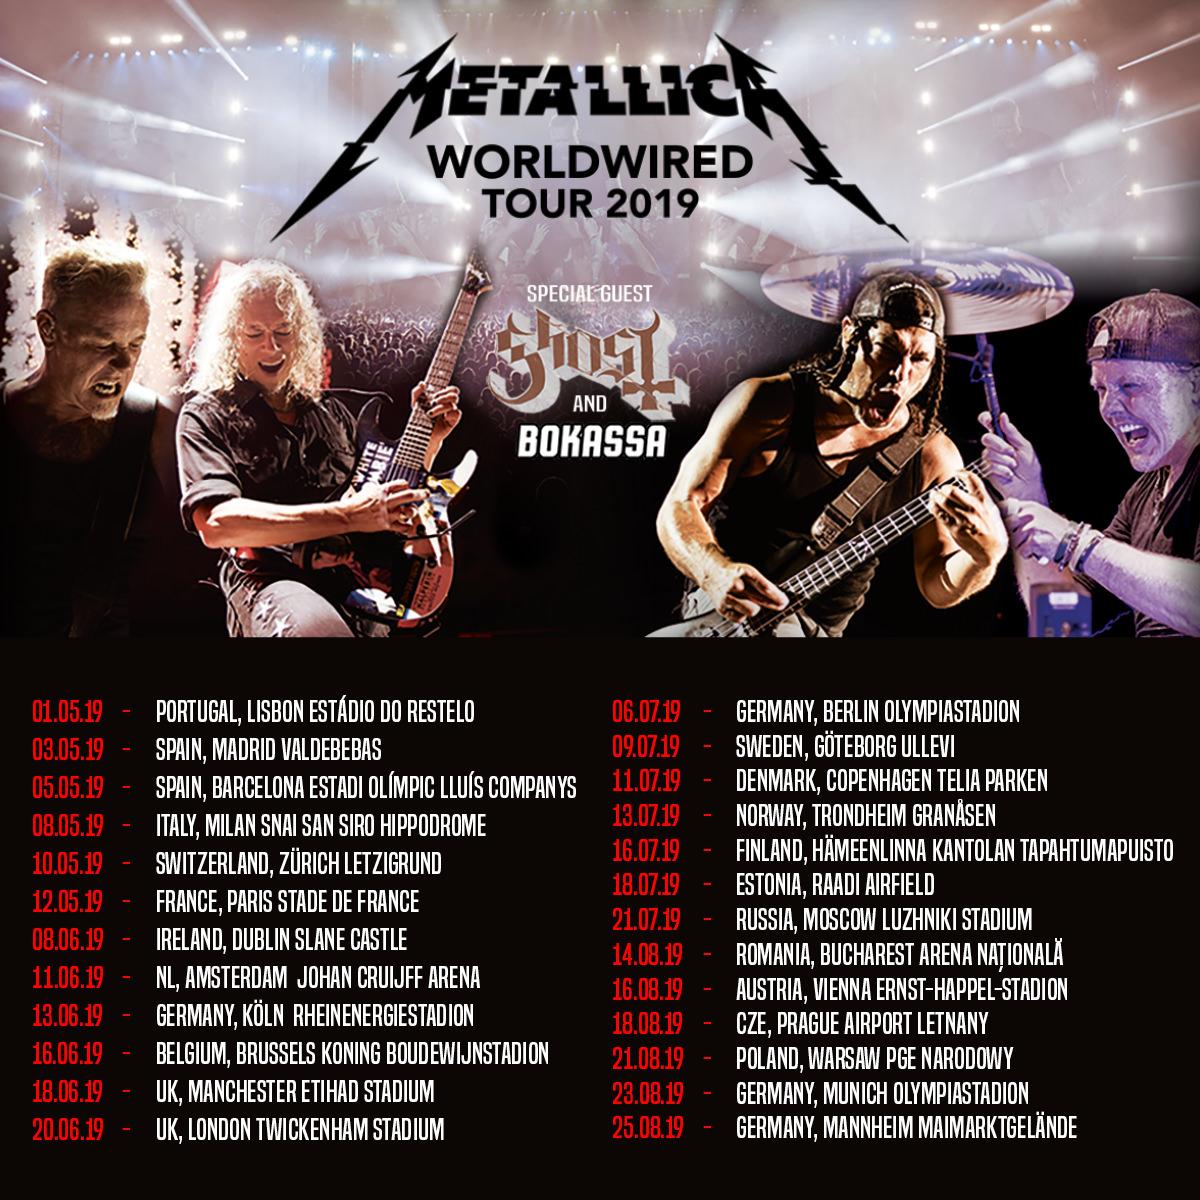 Metallica - Tour 2019 - 18/08/2019 - Prague - Czech Republic